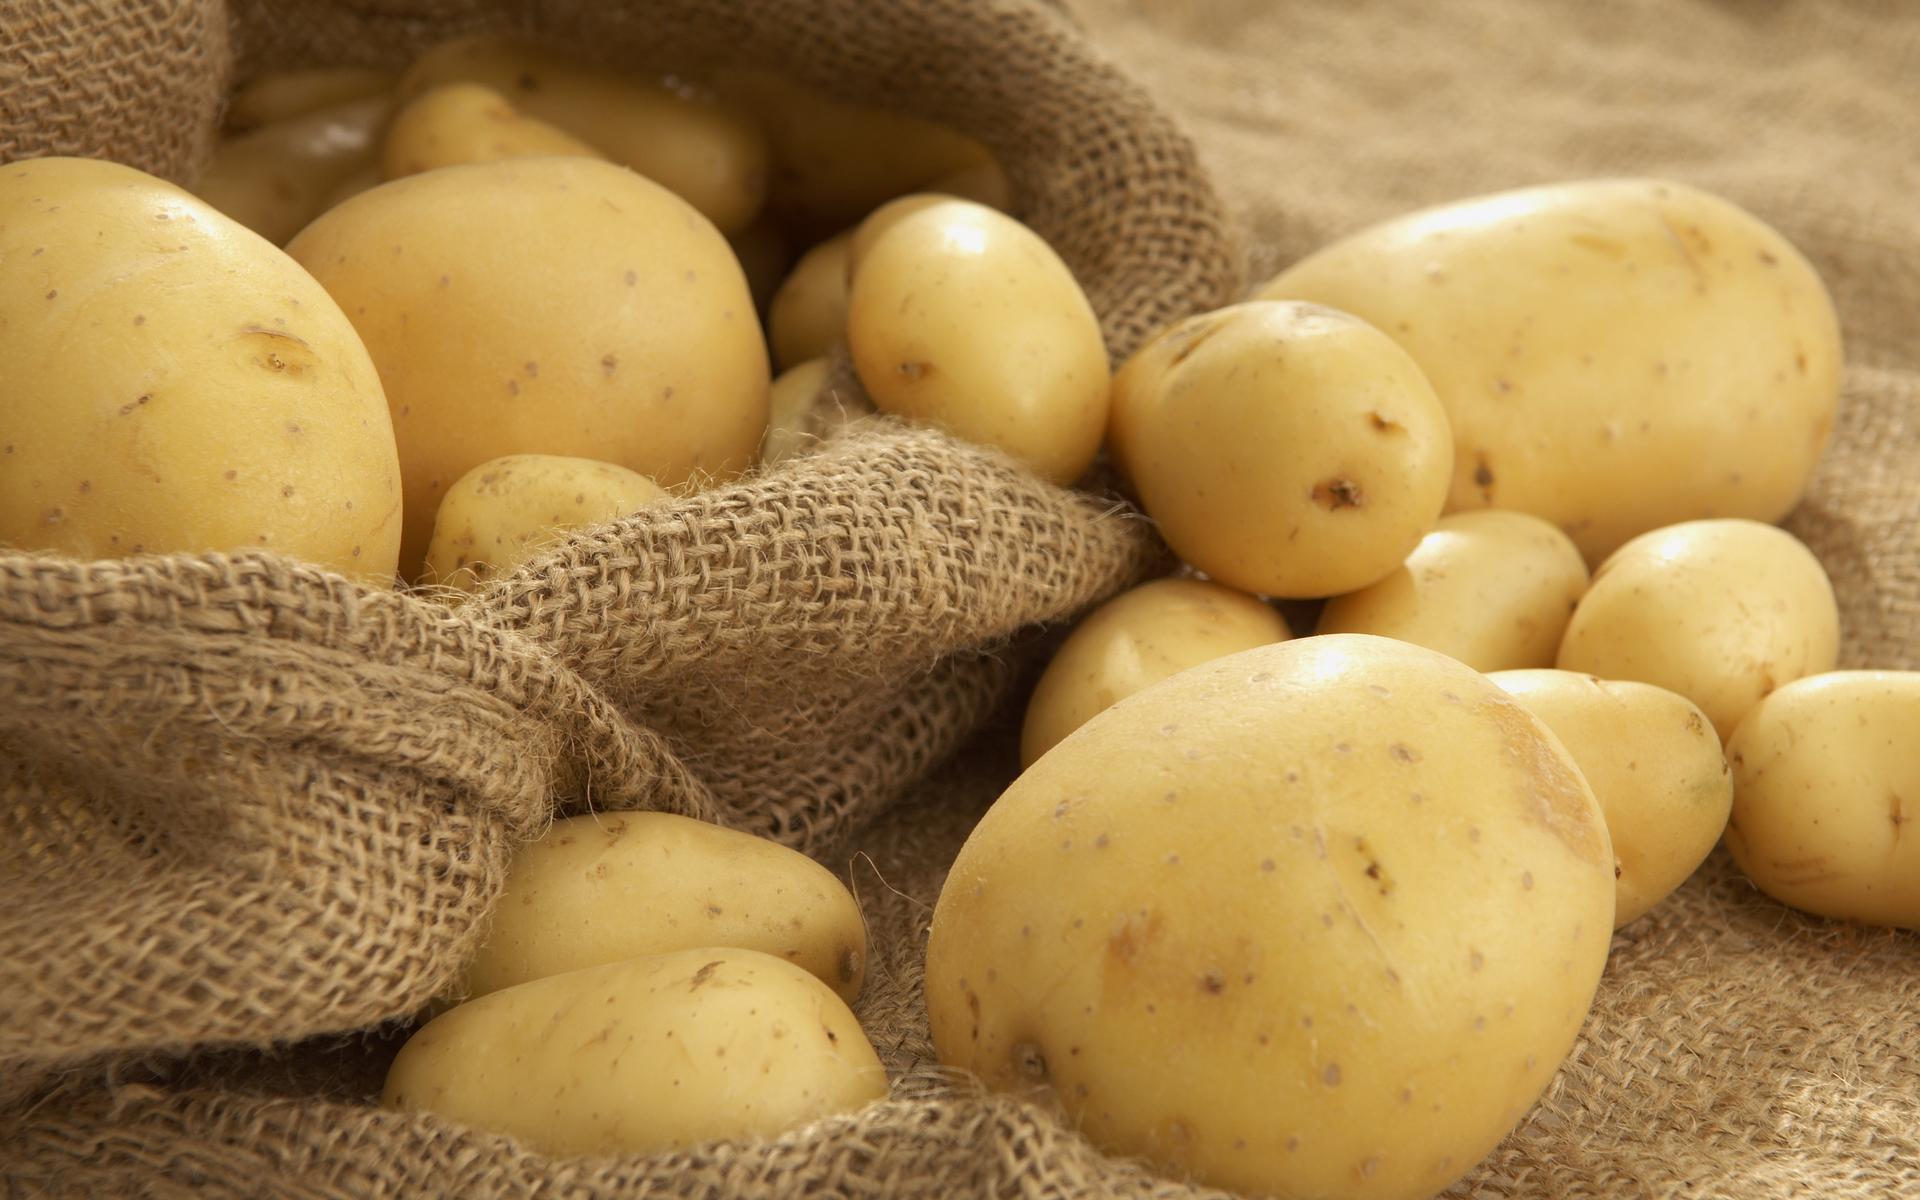 Хороший урожай картофеля и овощей собирают западноказахстанские аграрии